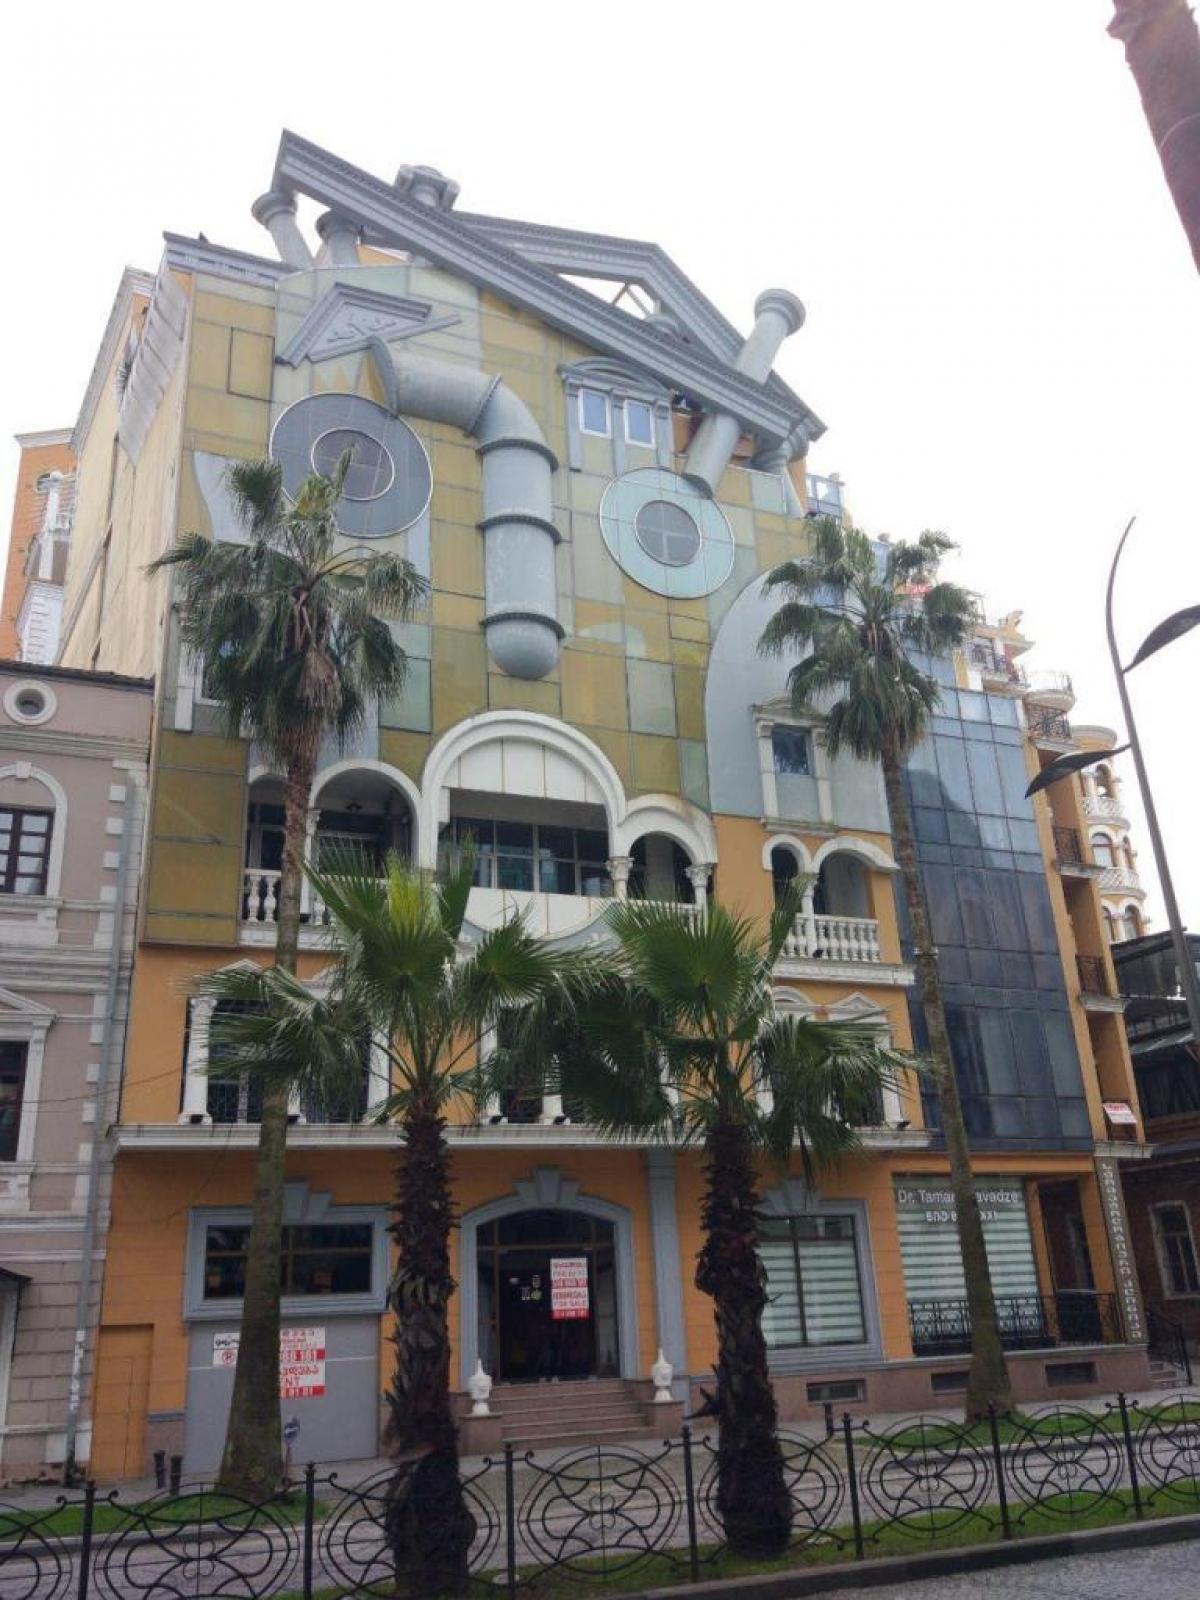 Một tòa nhà ở Batumi, Georgia trông giống như một khuôn mặt